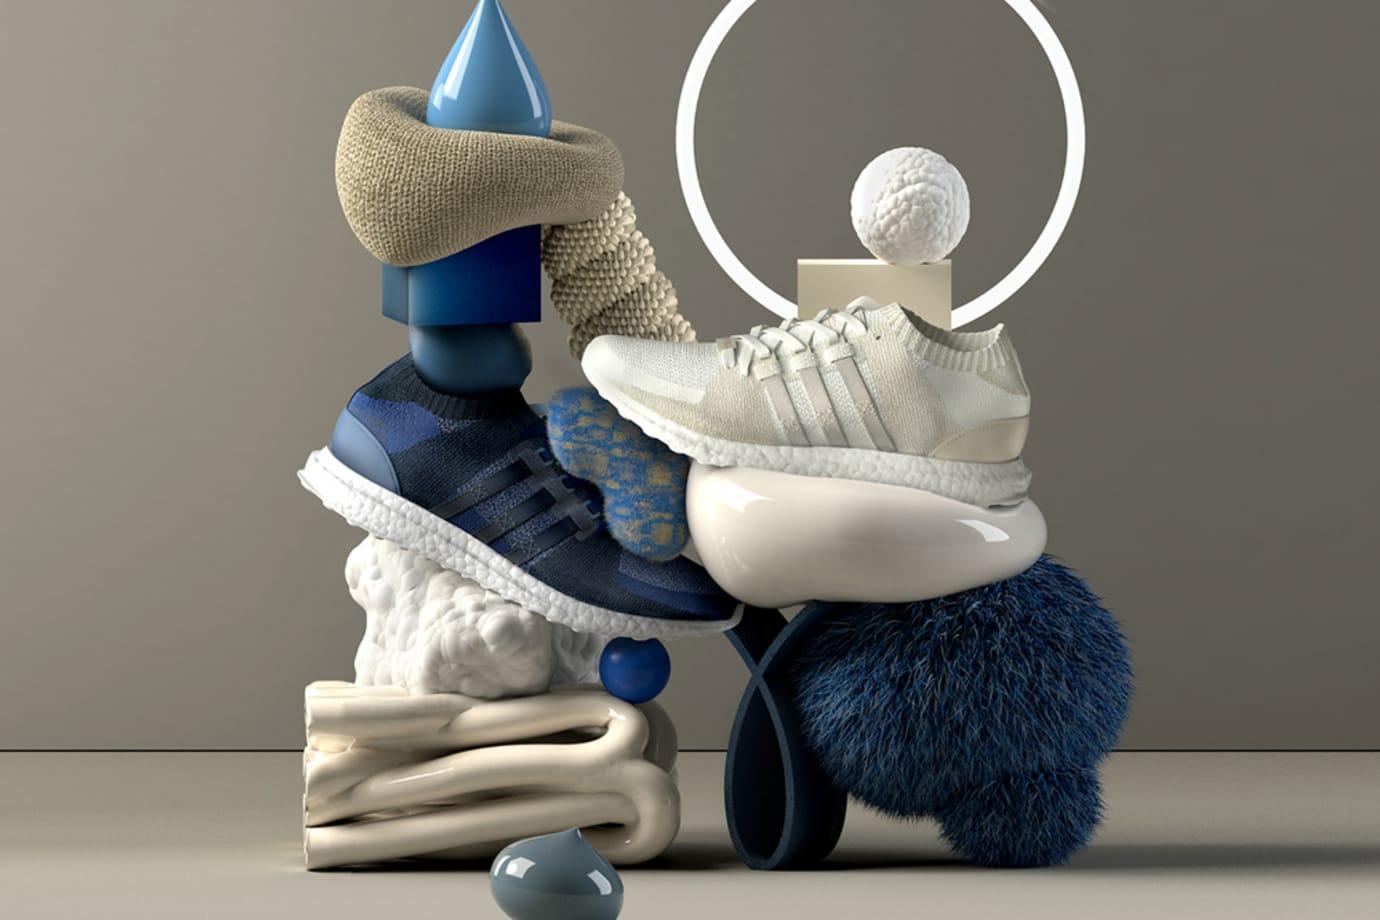 724cc3af0850c Sneakersnstuff Adidas EQT Materials Pack